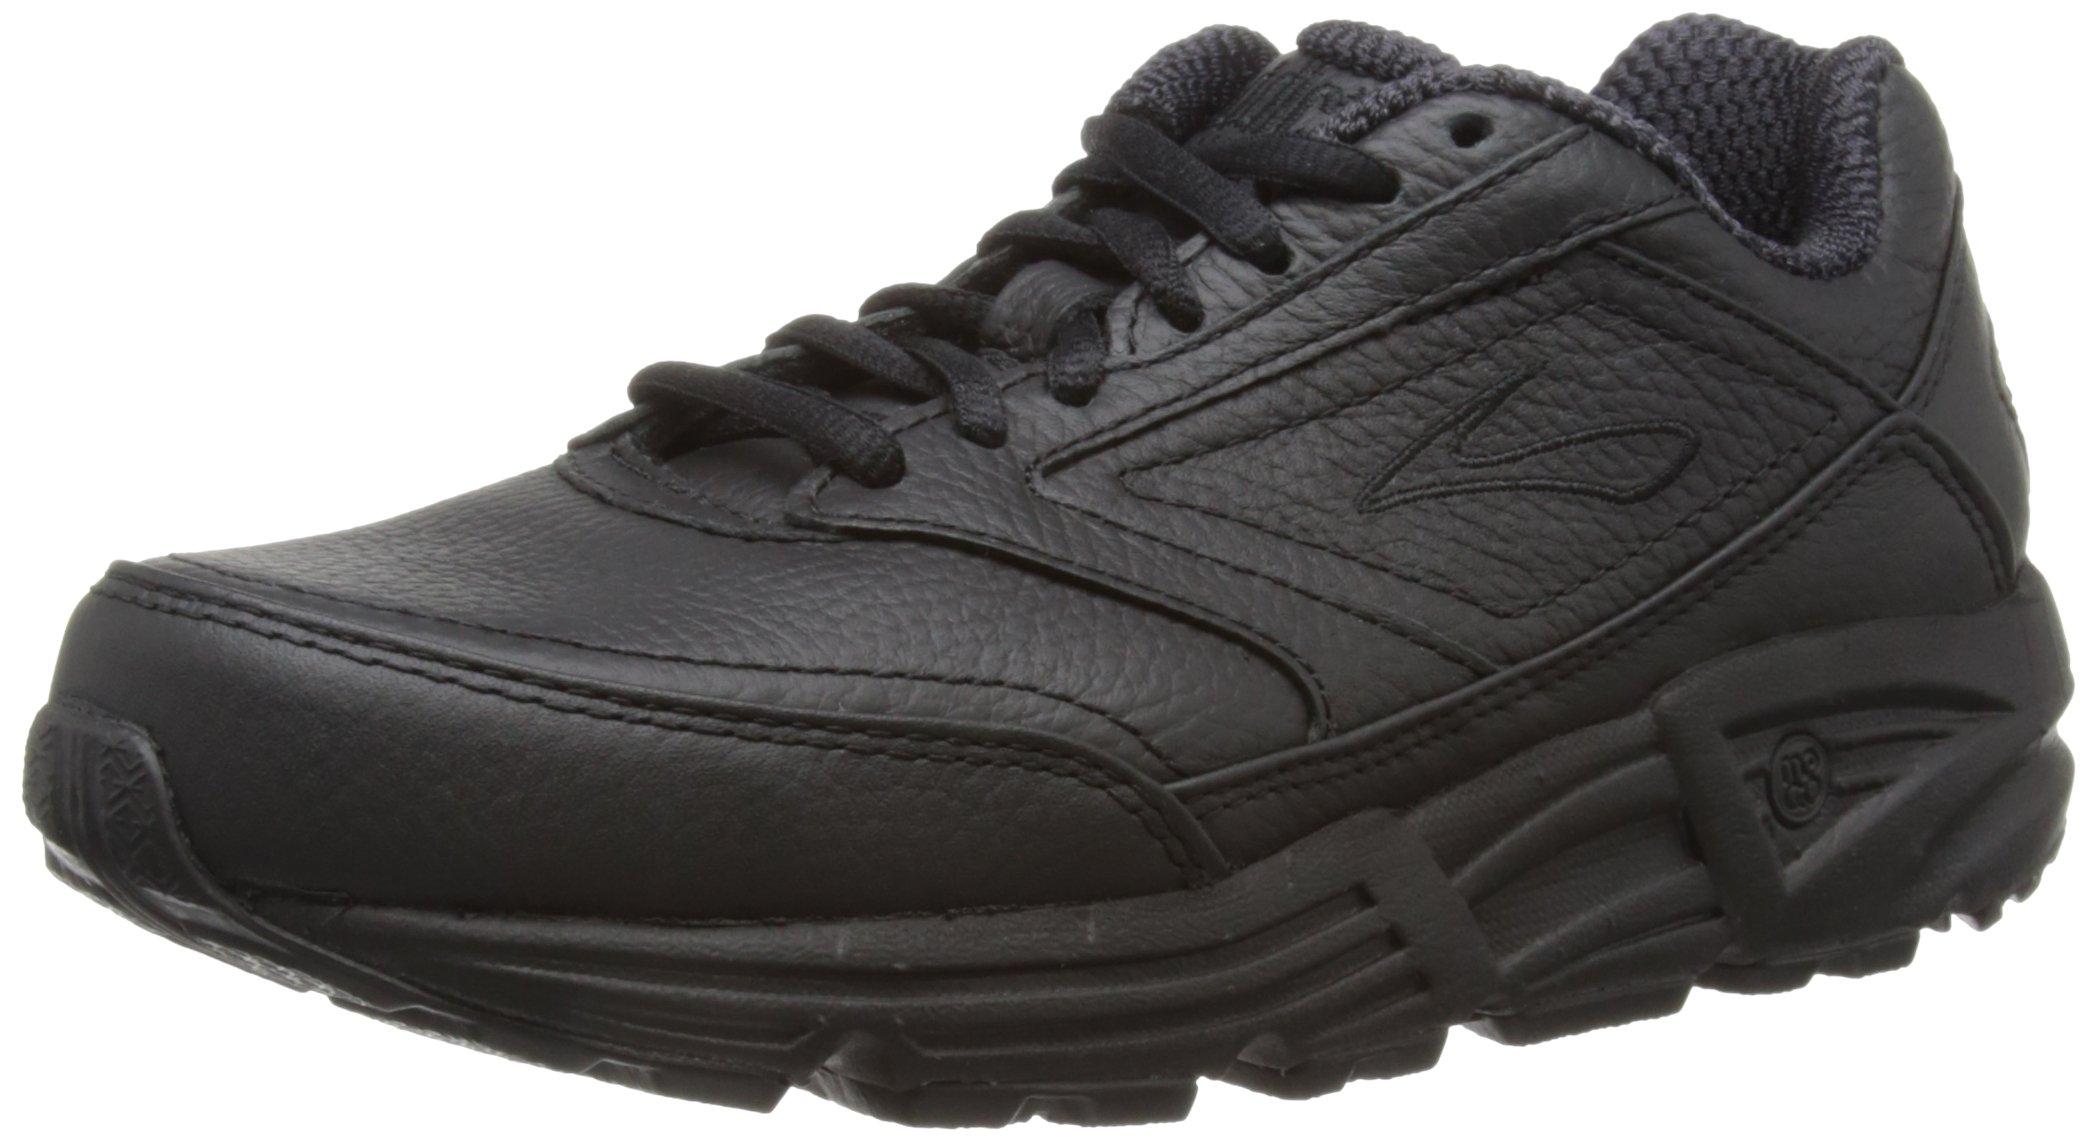 Brooks Women's Addiction Walker Walking Shoe,Black,7.5 EE